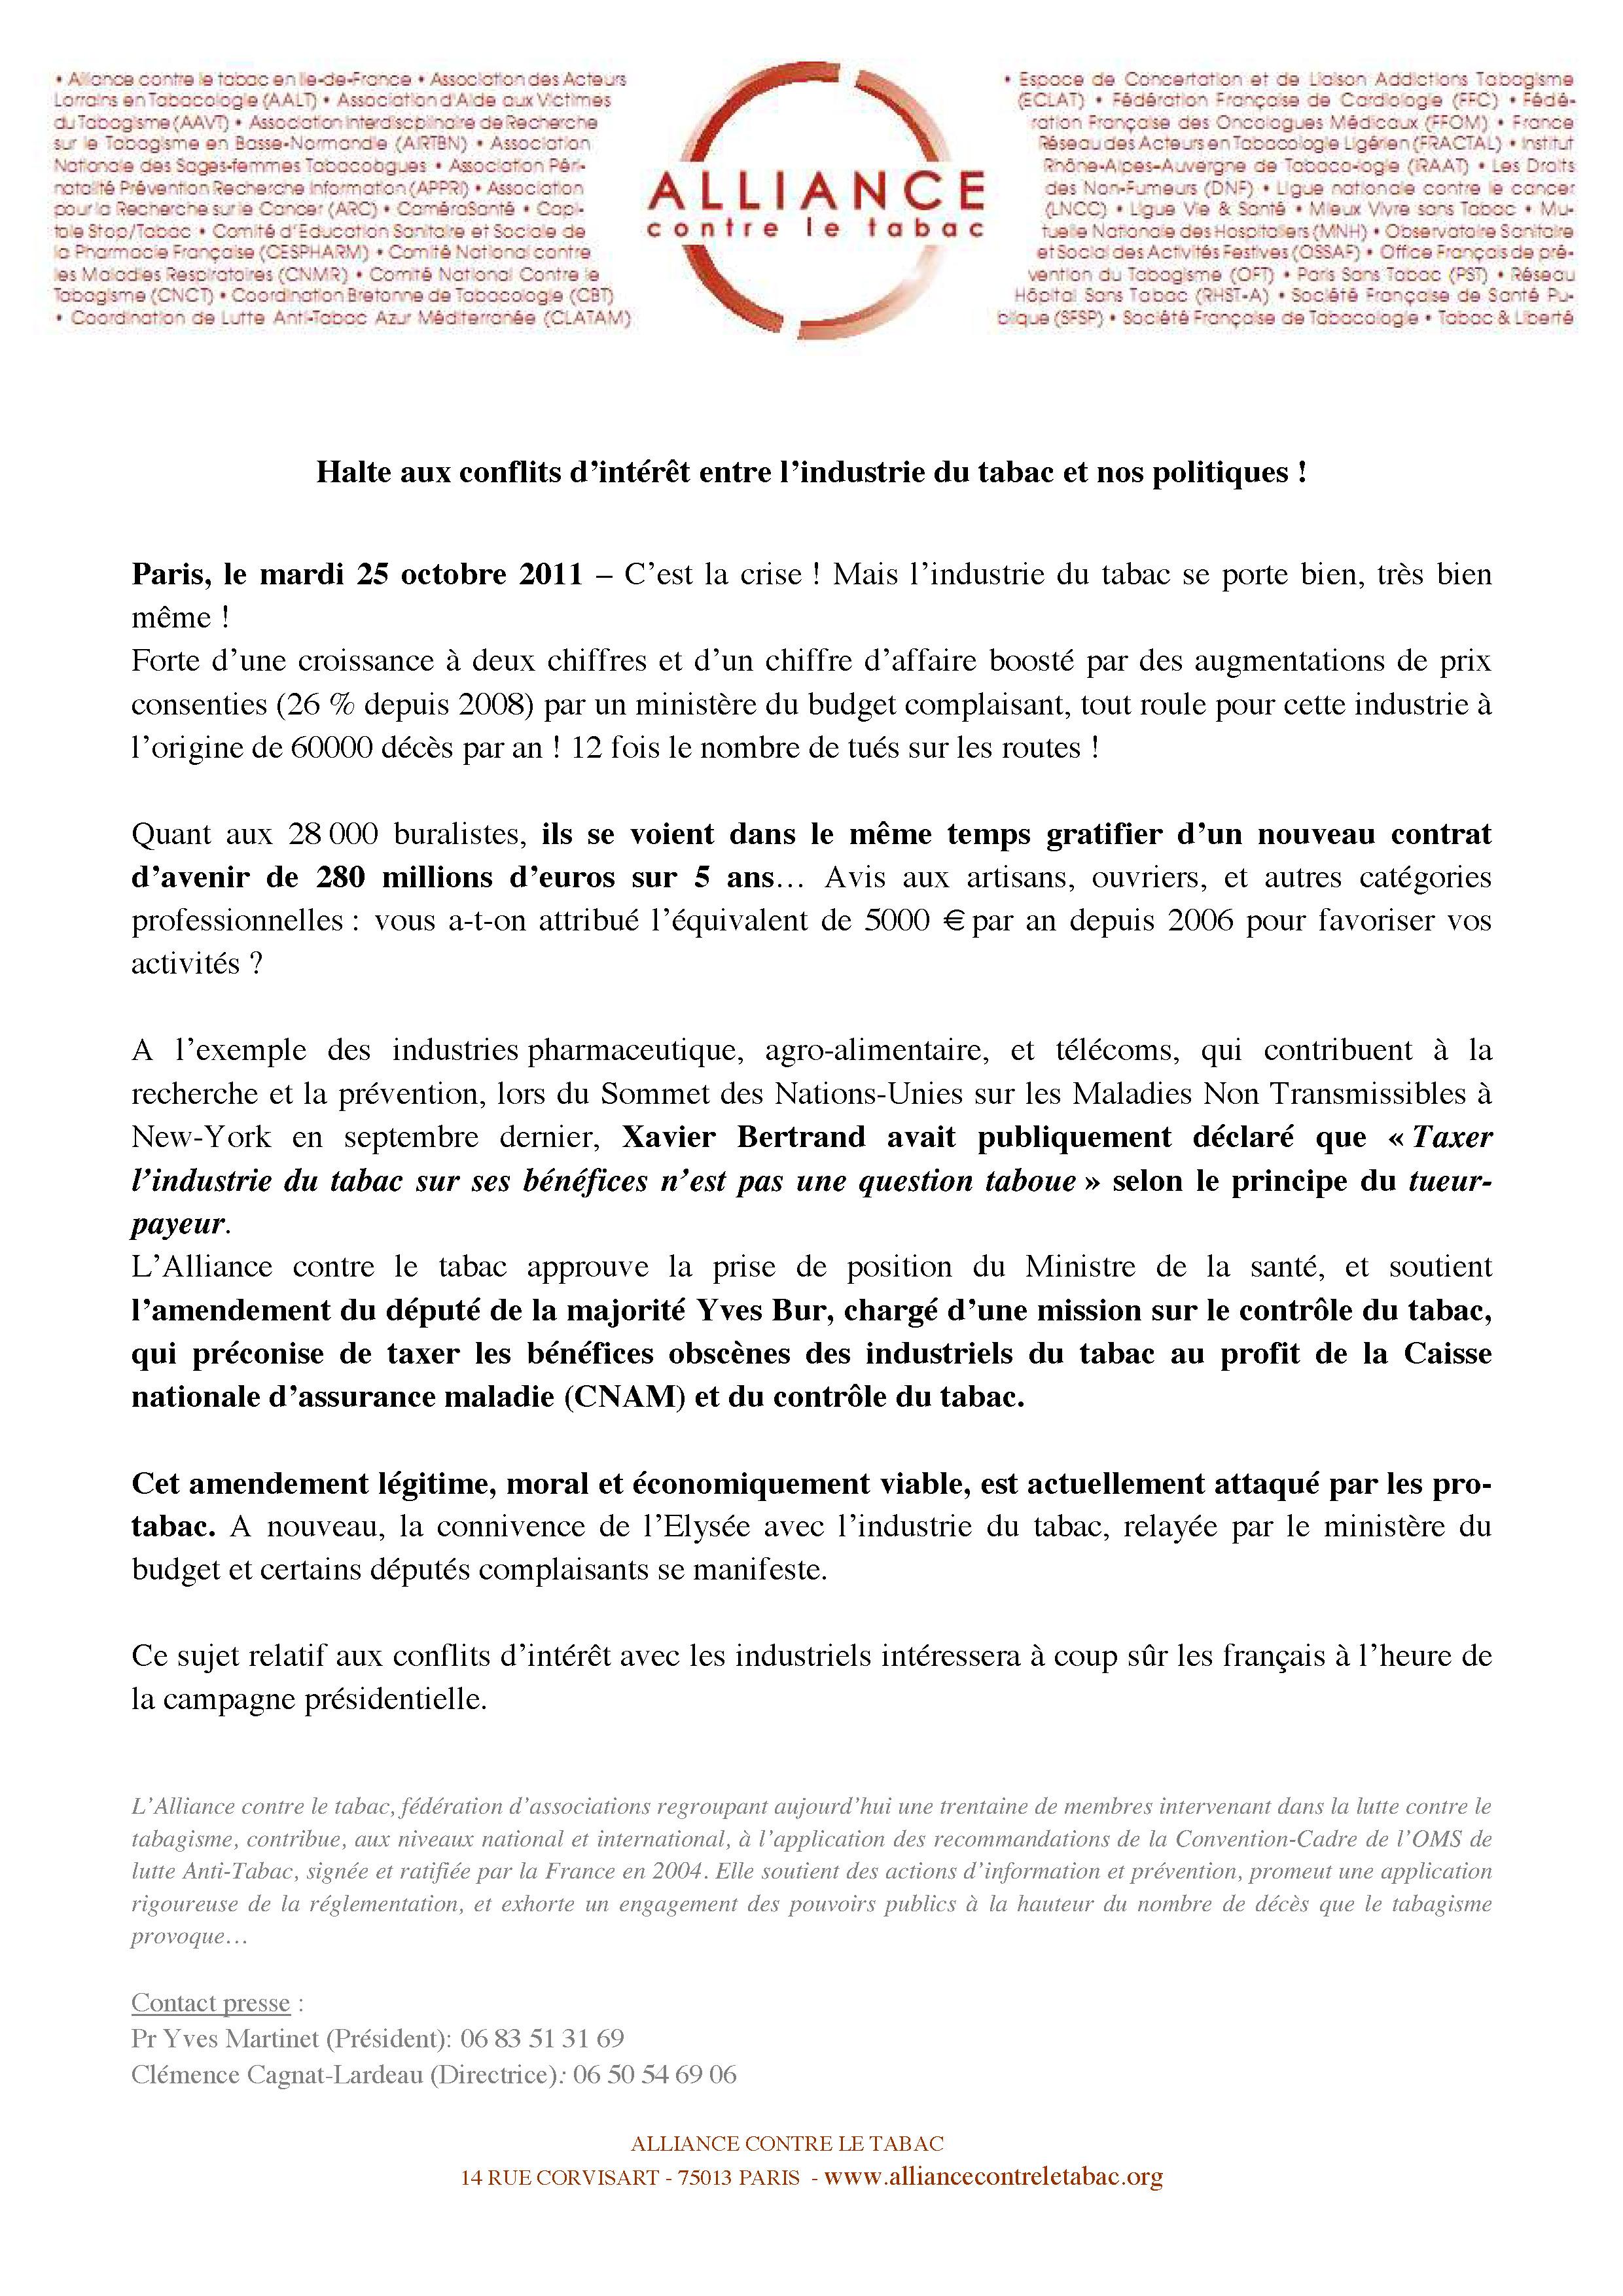 Alliance-CP_halte-aux-conflits-d-interet-entre-l-industrie-du-tabac-et-nos-politiques-25oct2011.jpg